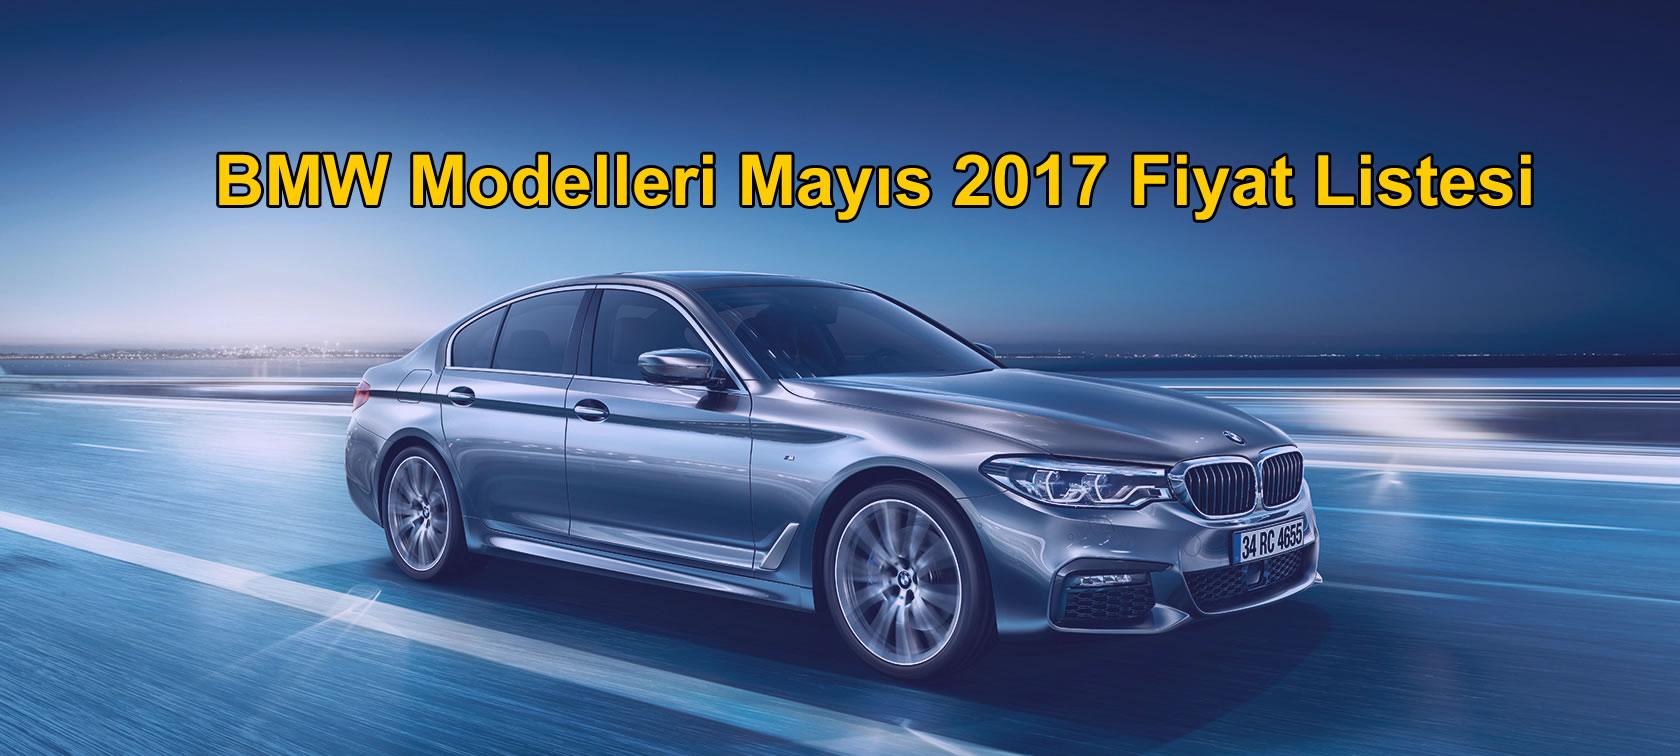 bmw modelleri mayıs 2017 fiyat listesi